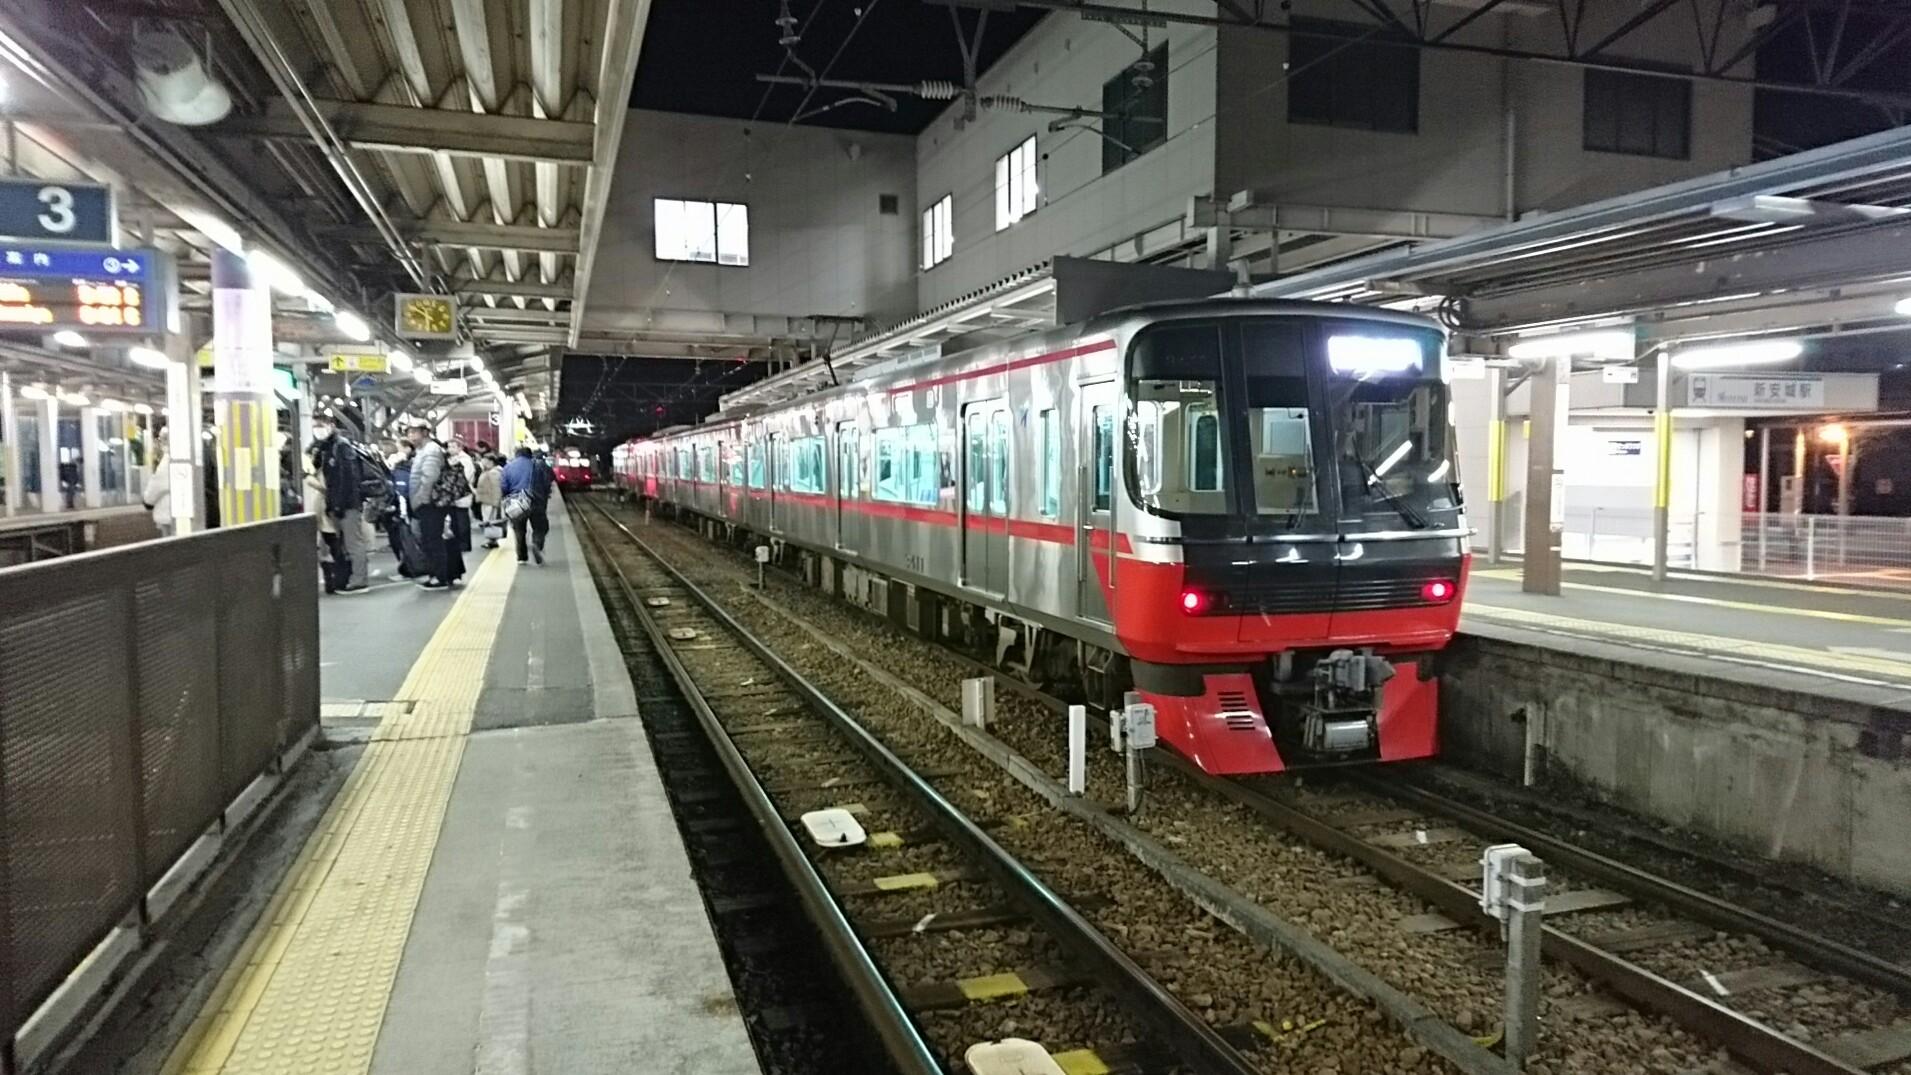 2017.12.19 名古屋 (2) しんあんじょう - しんあんじょういきふつう